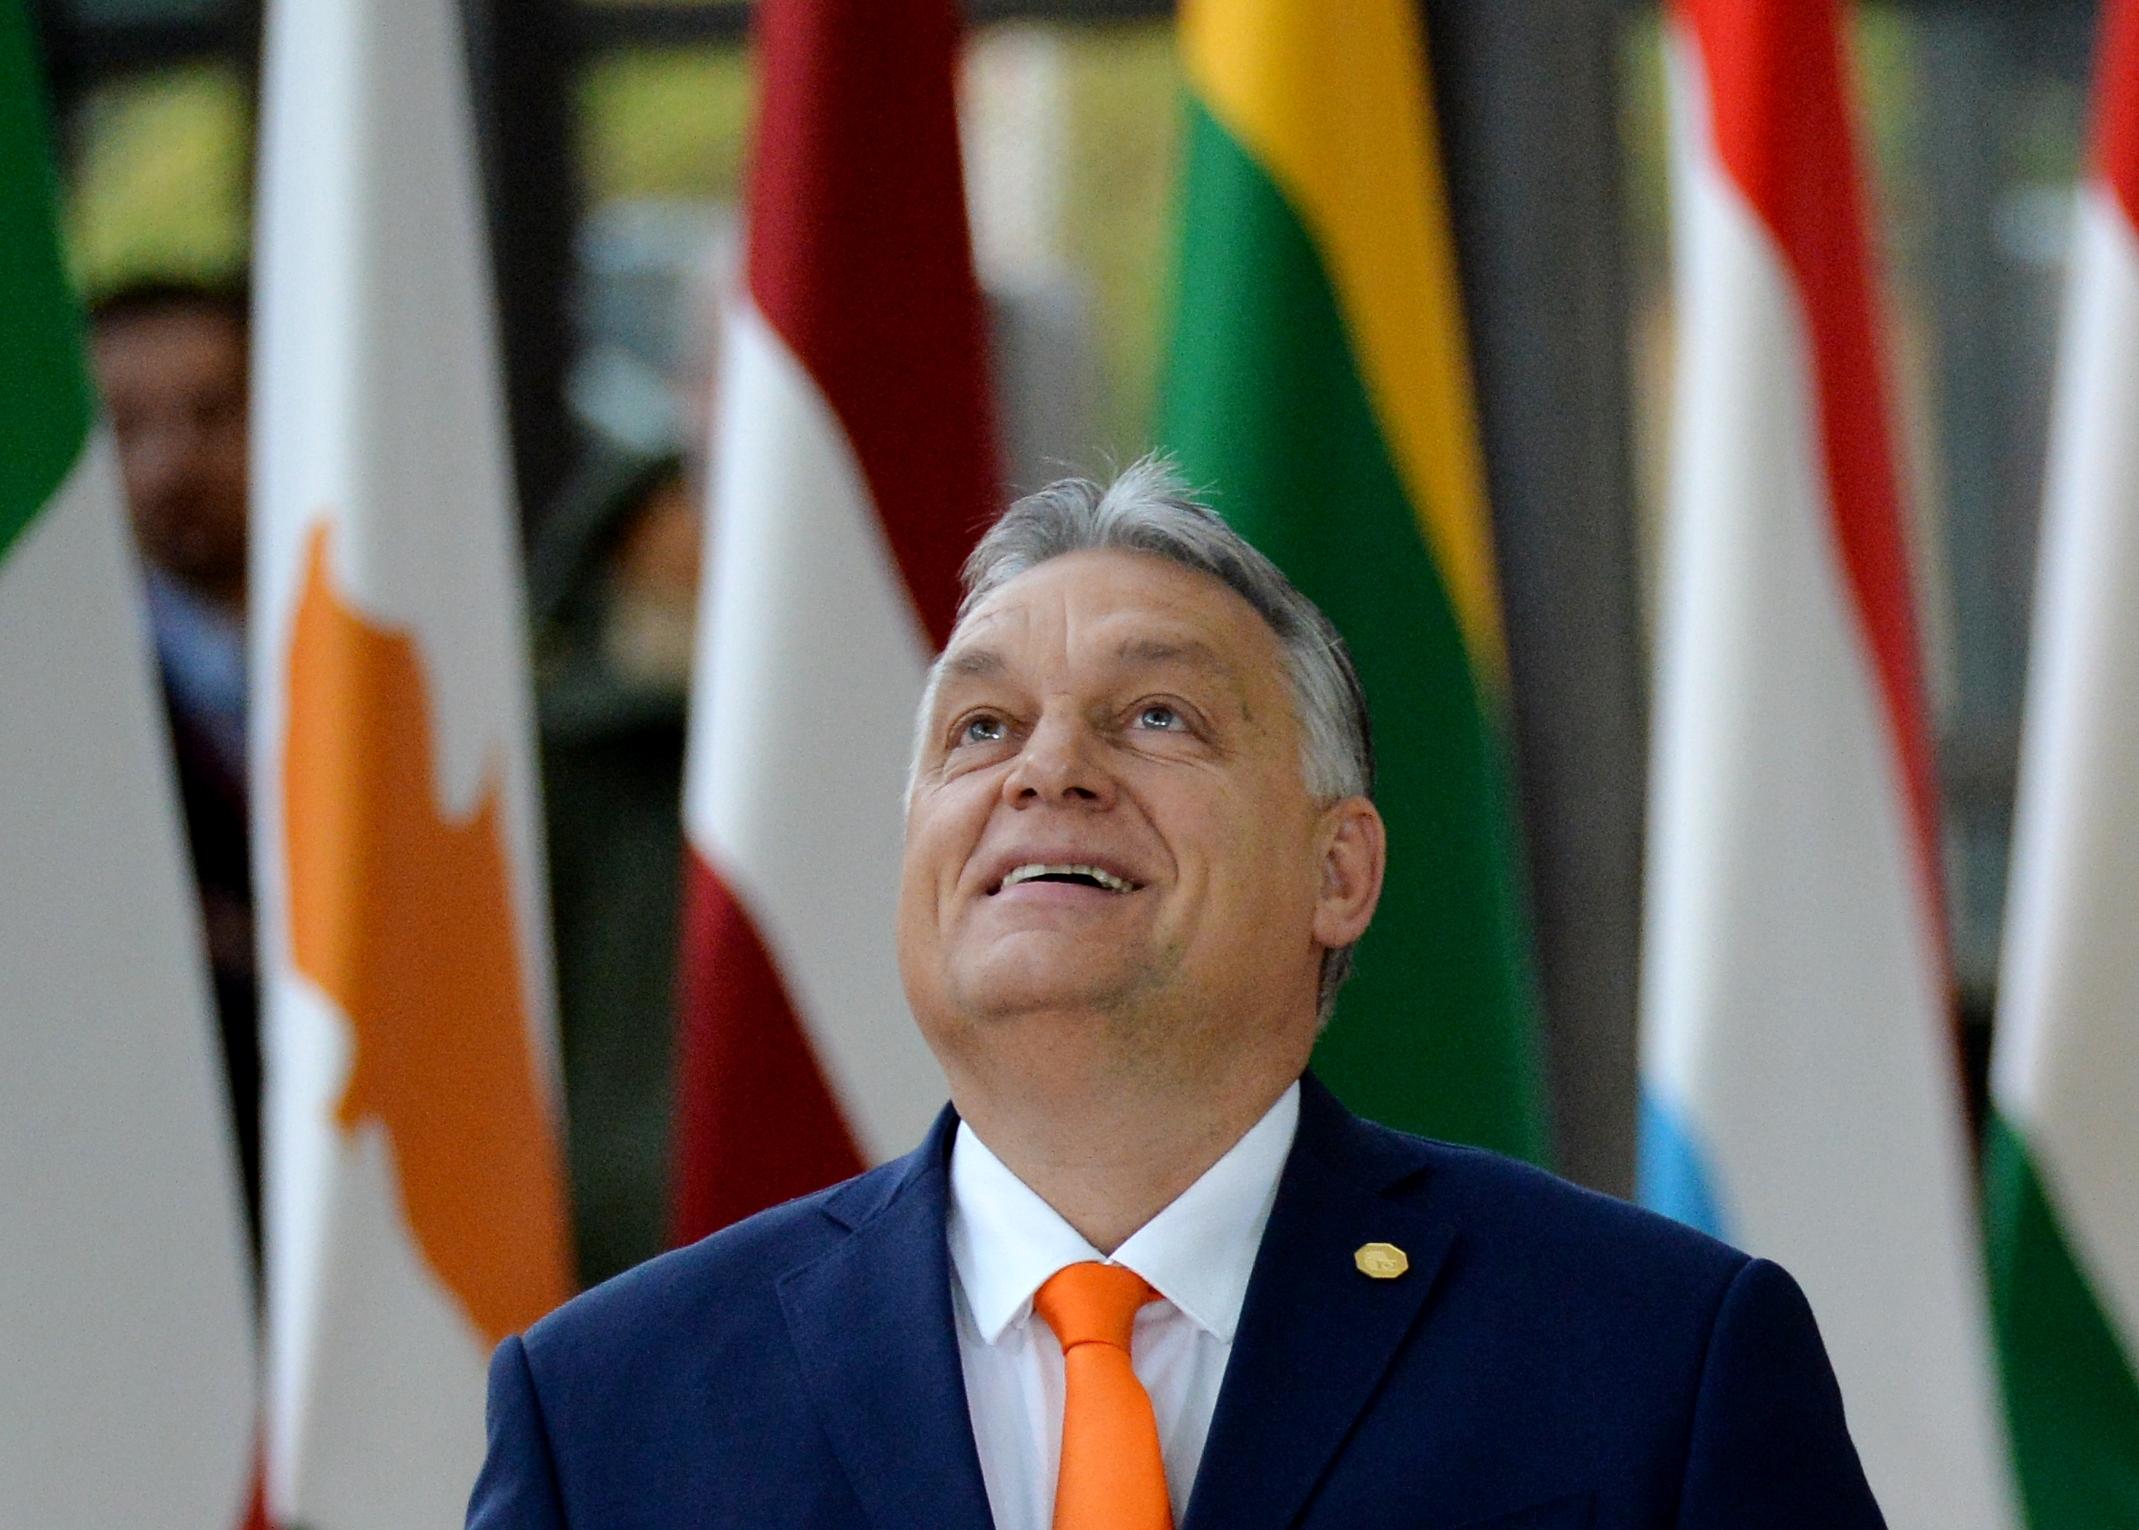 Egyre hangosabban csiripelik, hogy búcsúzik a Fidesz a Néppárttól